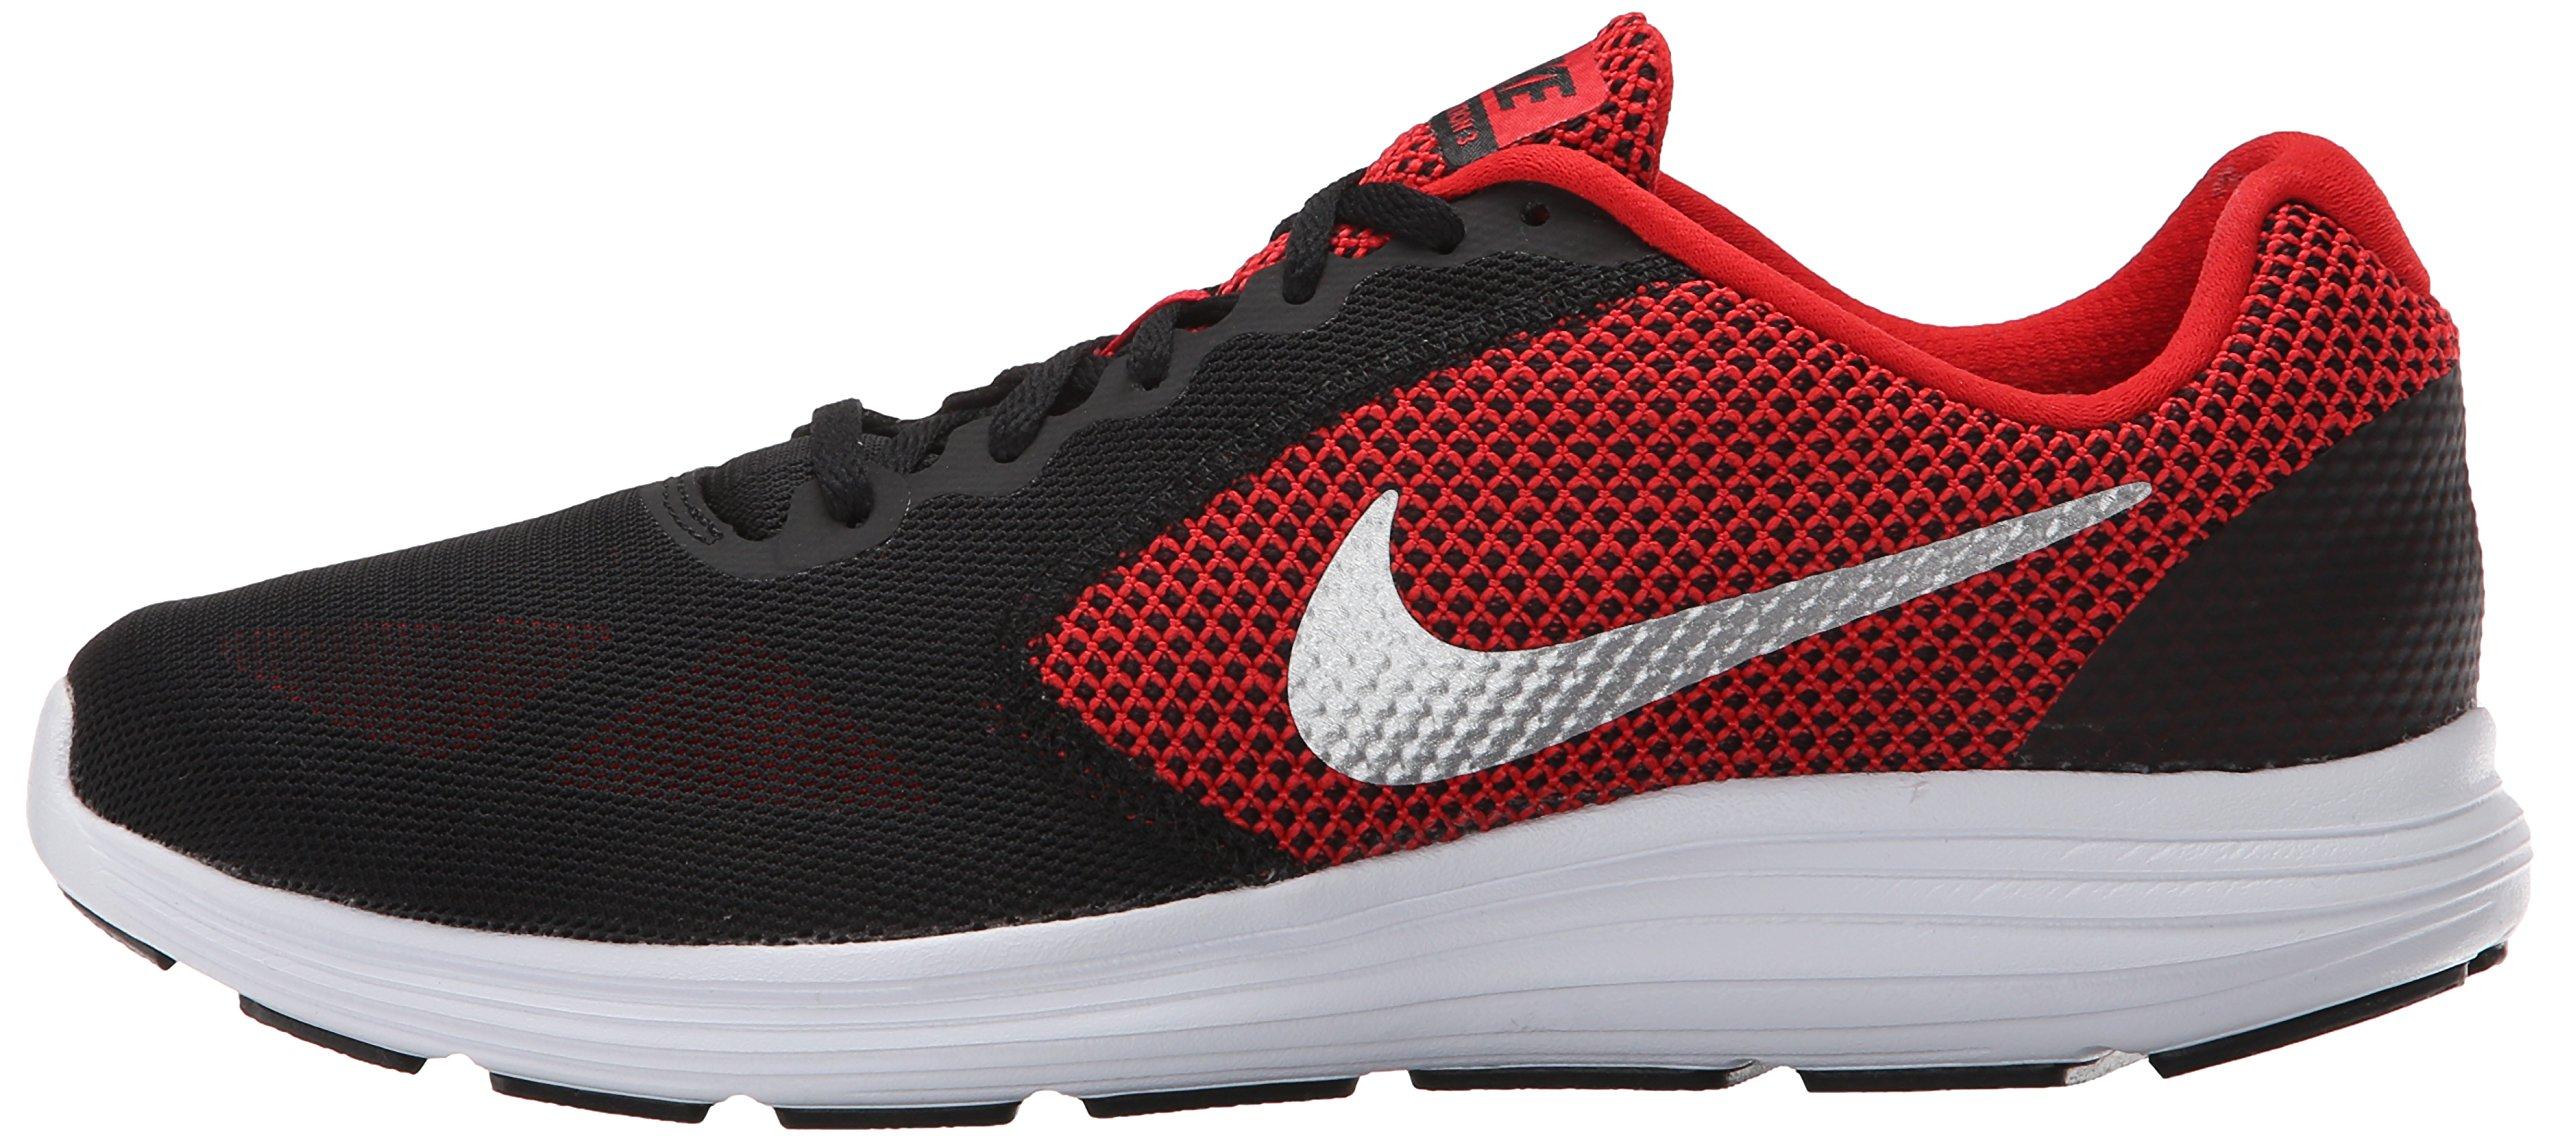 nike mens revolution 3 running shoe university red